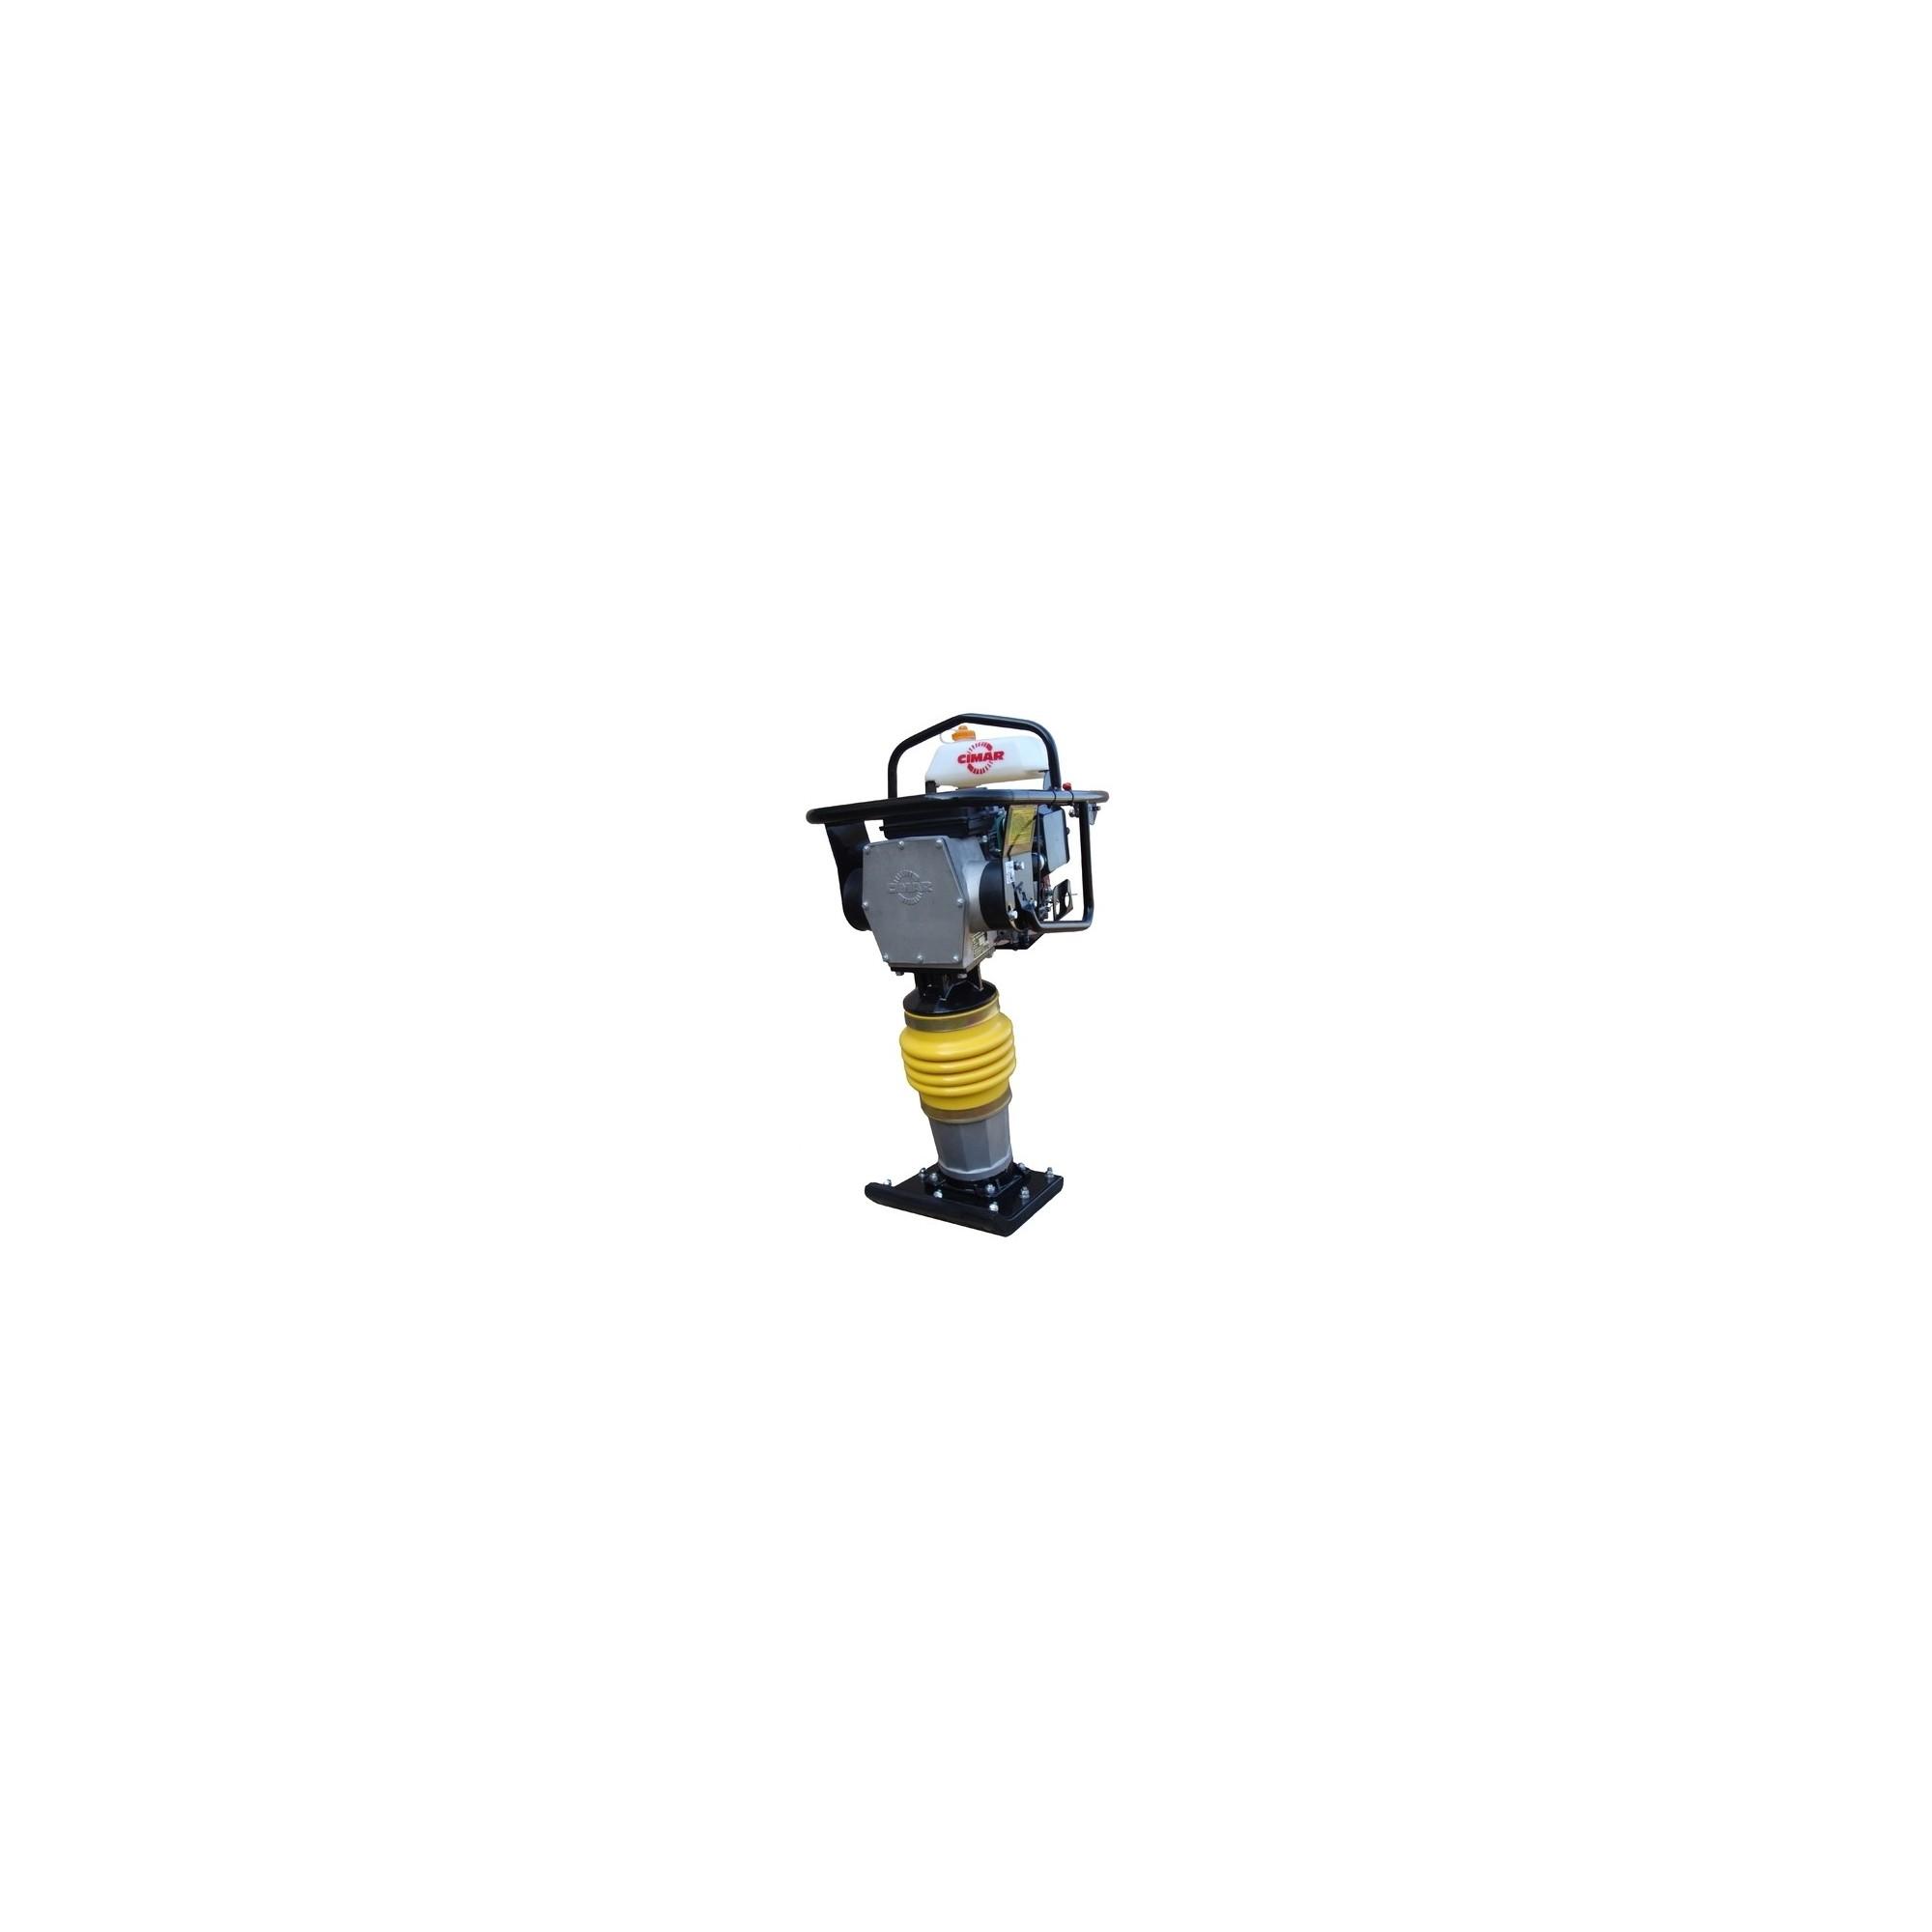 CT66P-2A Pison Compactador ITCPower-HONDA